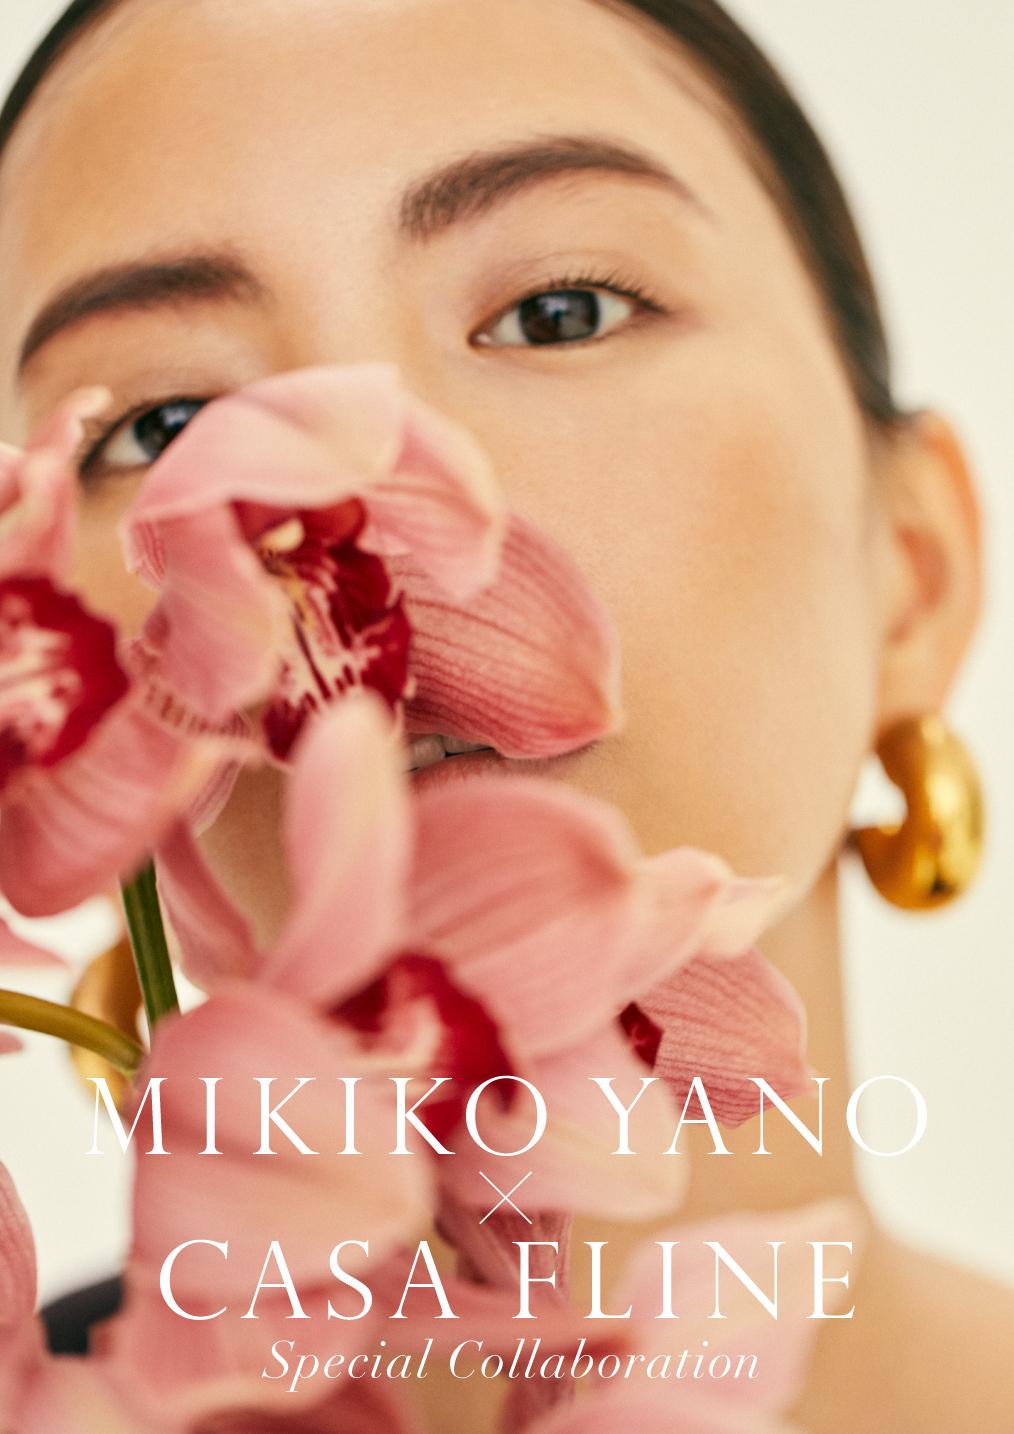 矢野未希子、「CASA FLINE」とコラボ(提供写真)